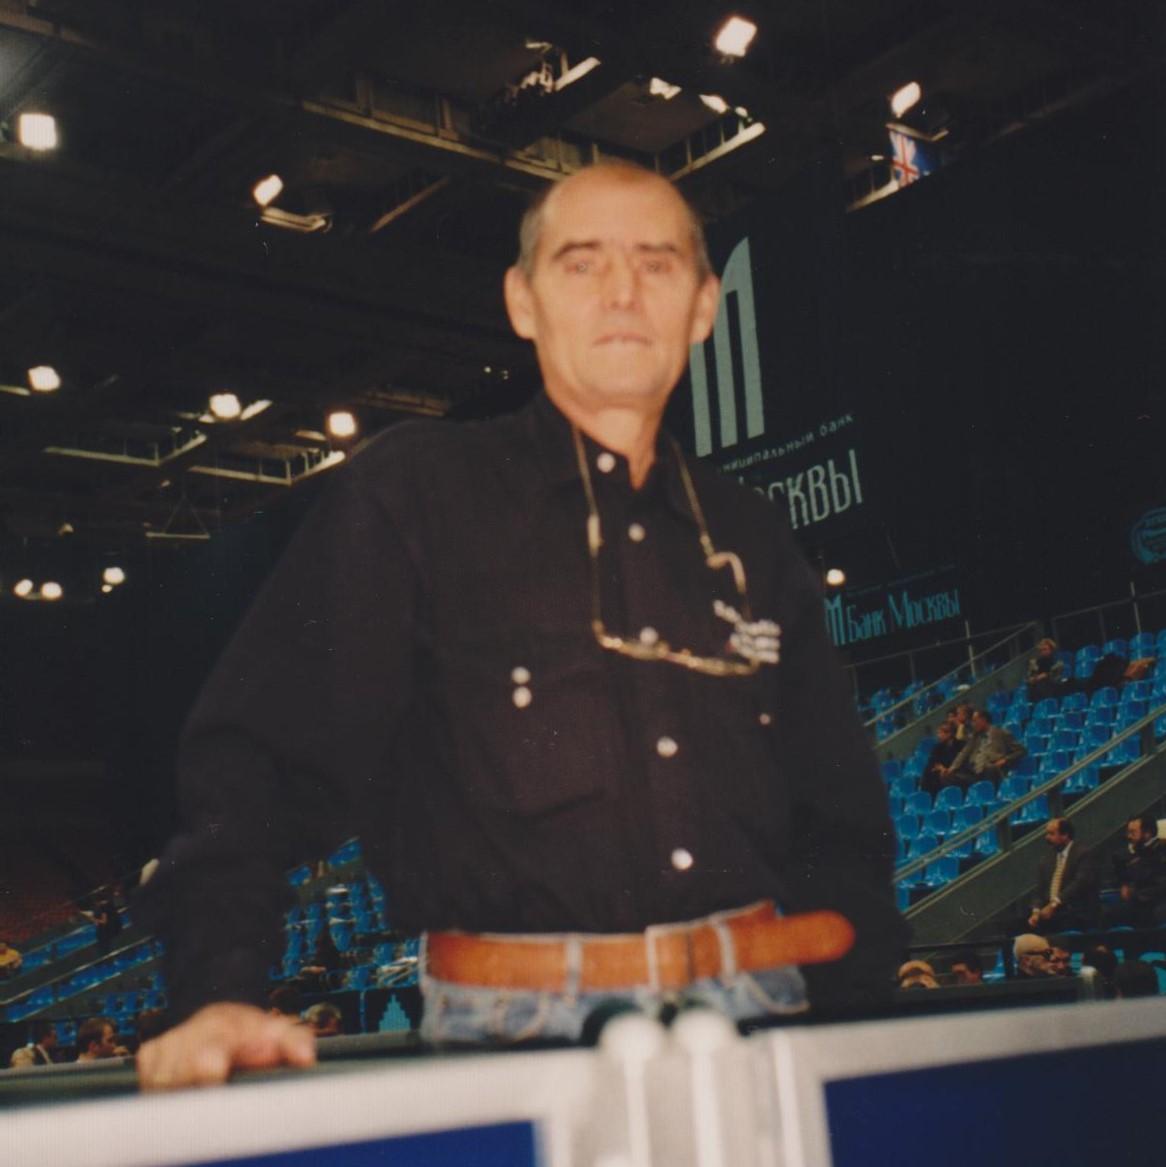 Шишкин Валерий Владимирович (Россия) Первый тренер Олимпийского чемпиона Евгения Кафельникова 1999